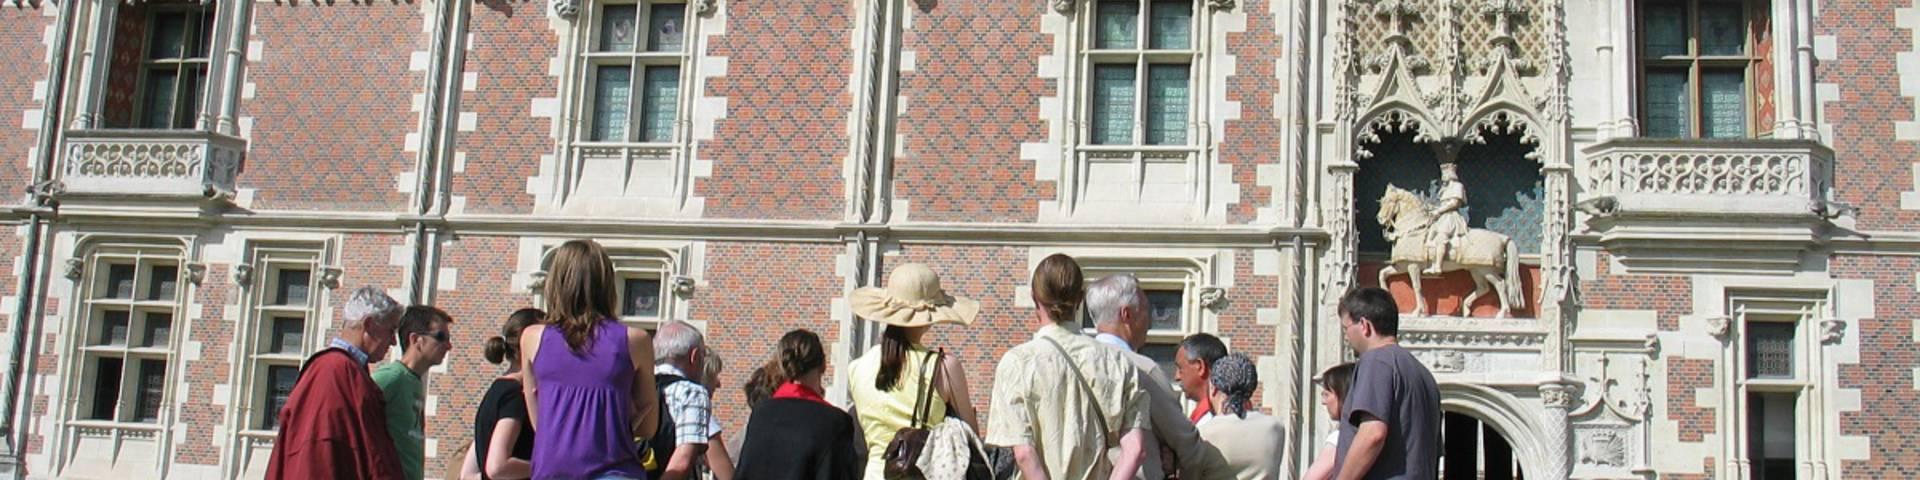 Groupe de touriste avec un guide sur la place du château de Blois. © OTBC